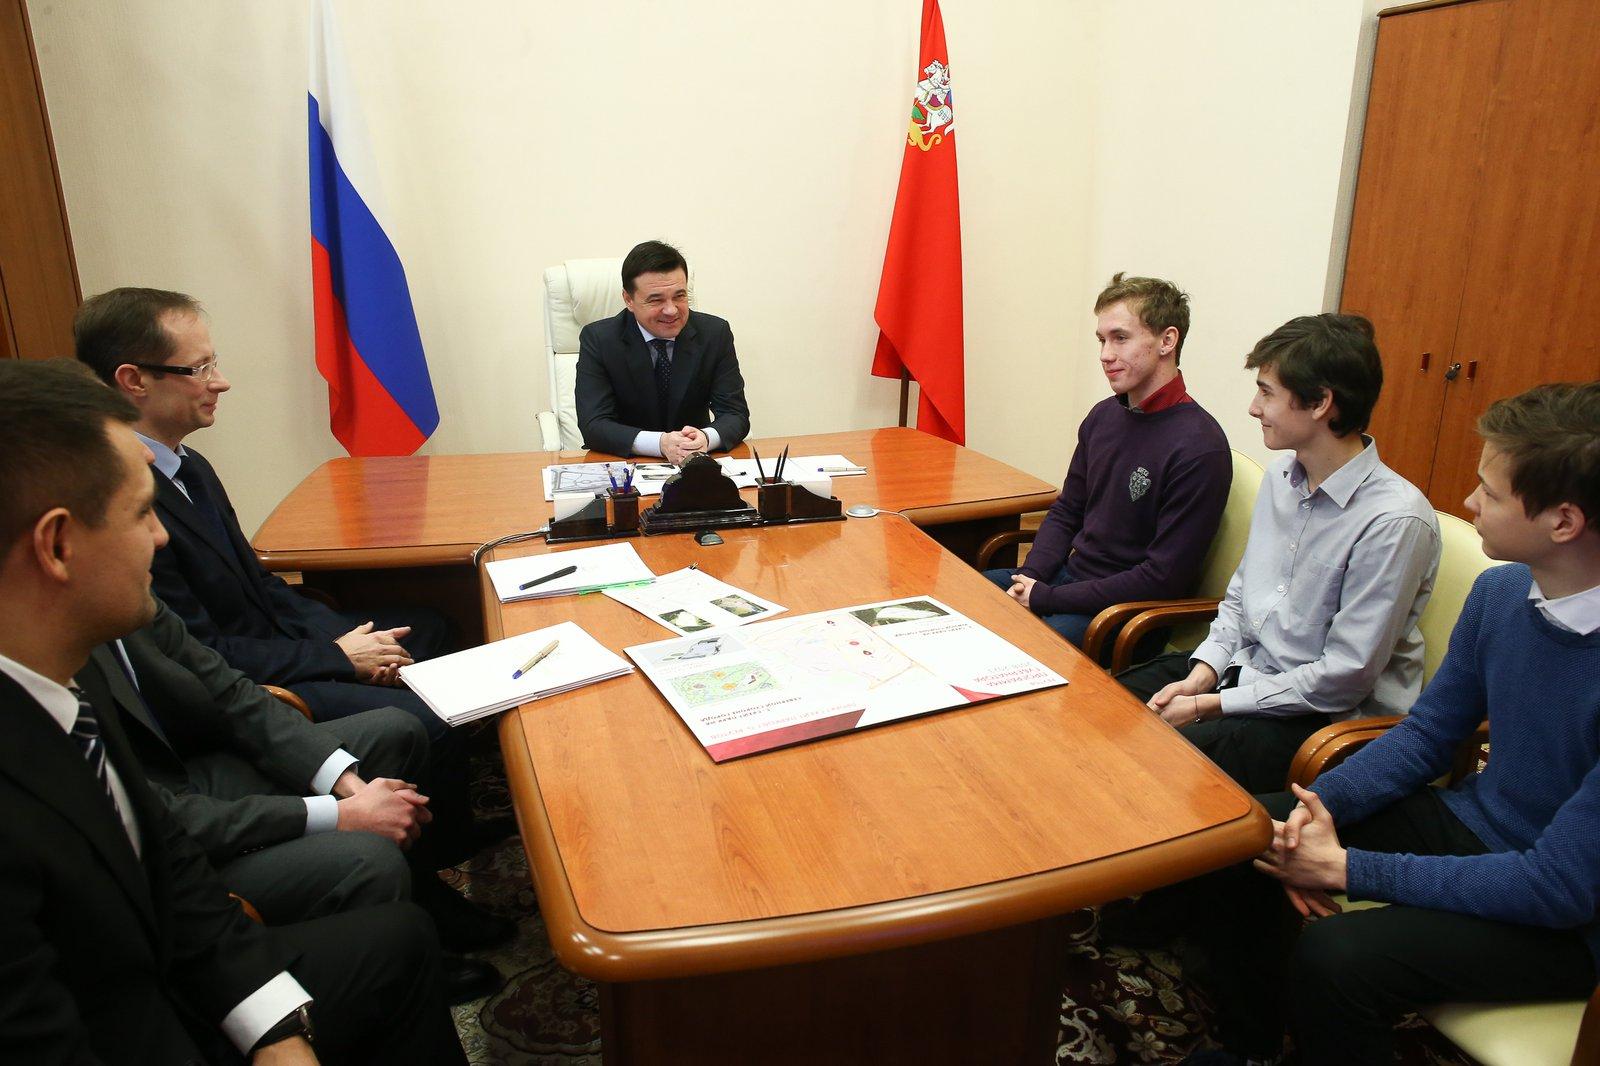 Андрей Воробьев губернатор московской области - Личный прием. Итоги встречи с жителями Подмосковья